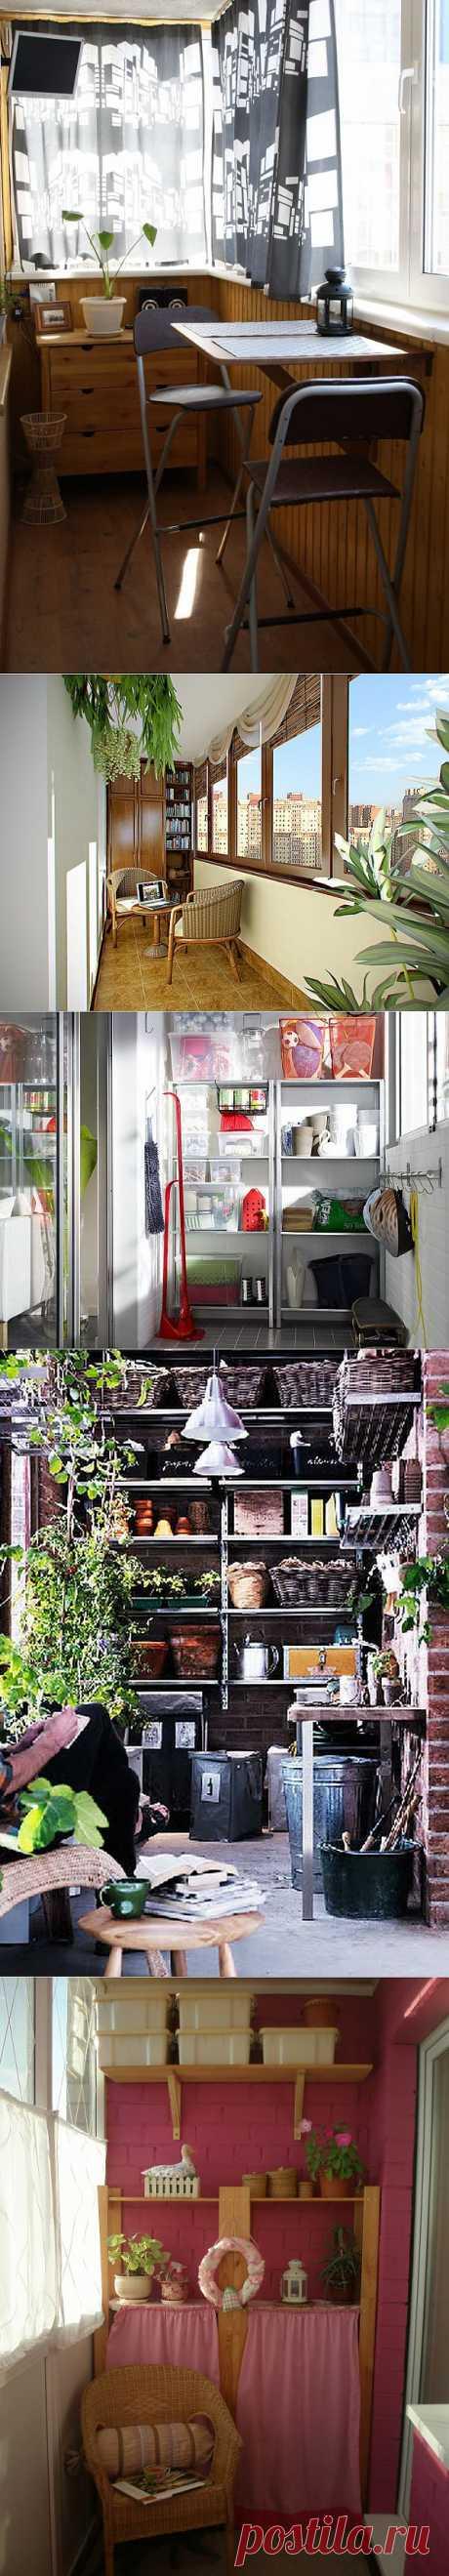 Шкафы и балконы - совмещаем несовместимое